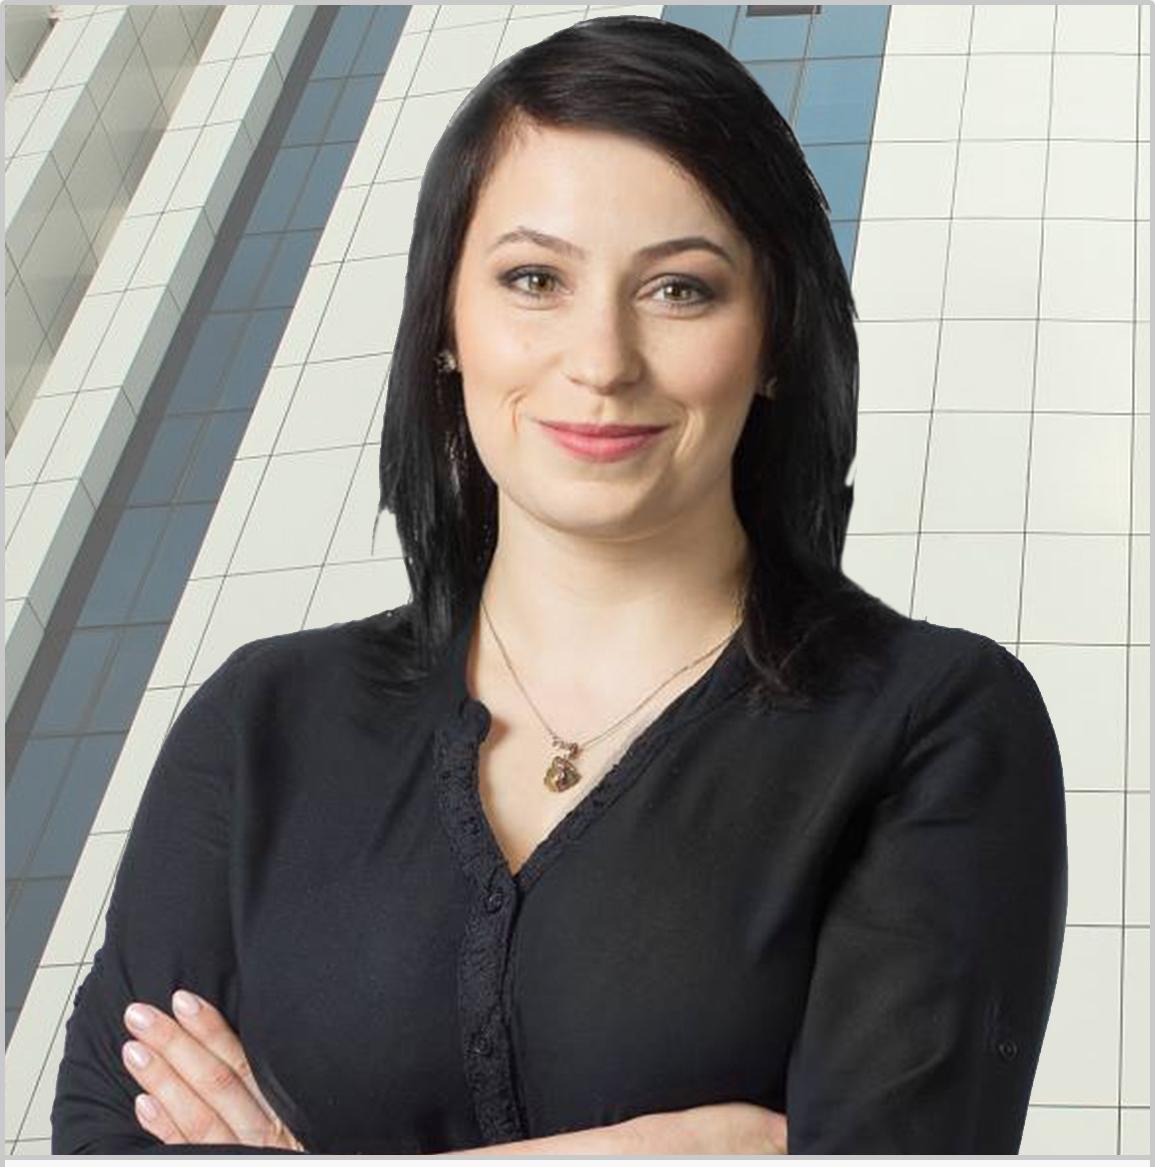 Agnieszka Szarek-Betleja